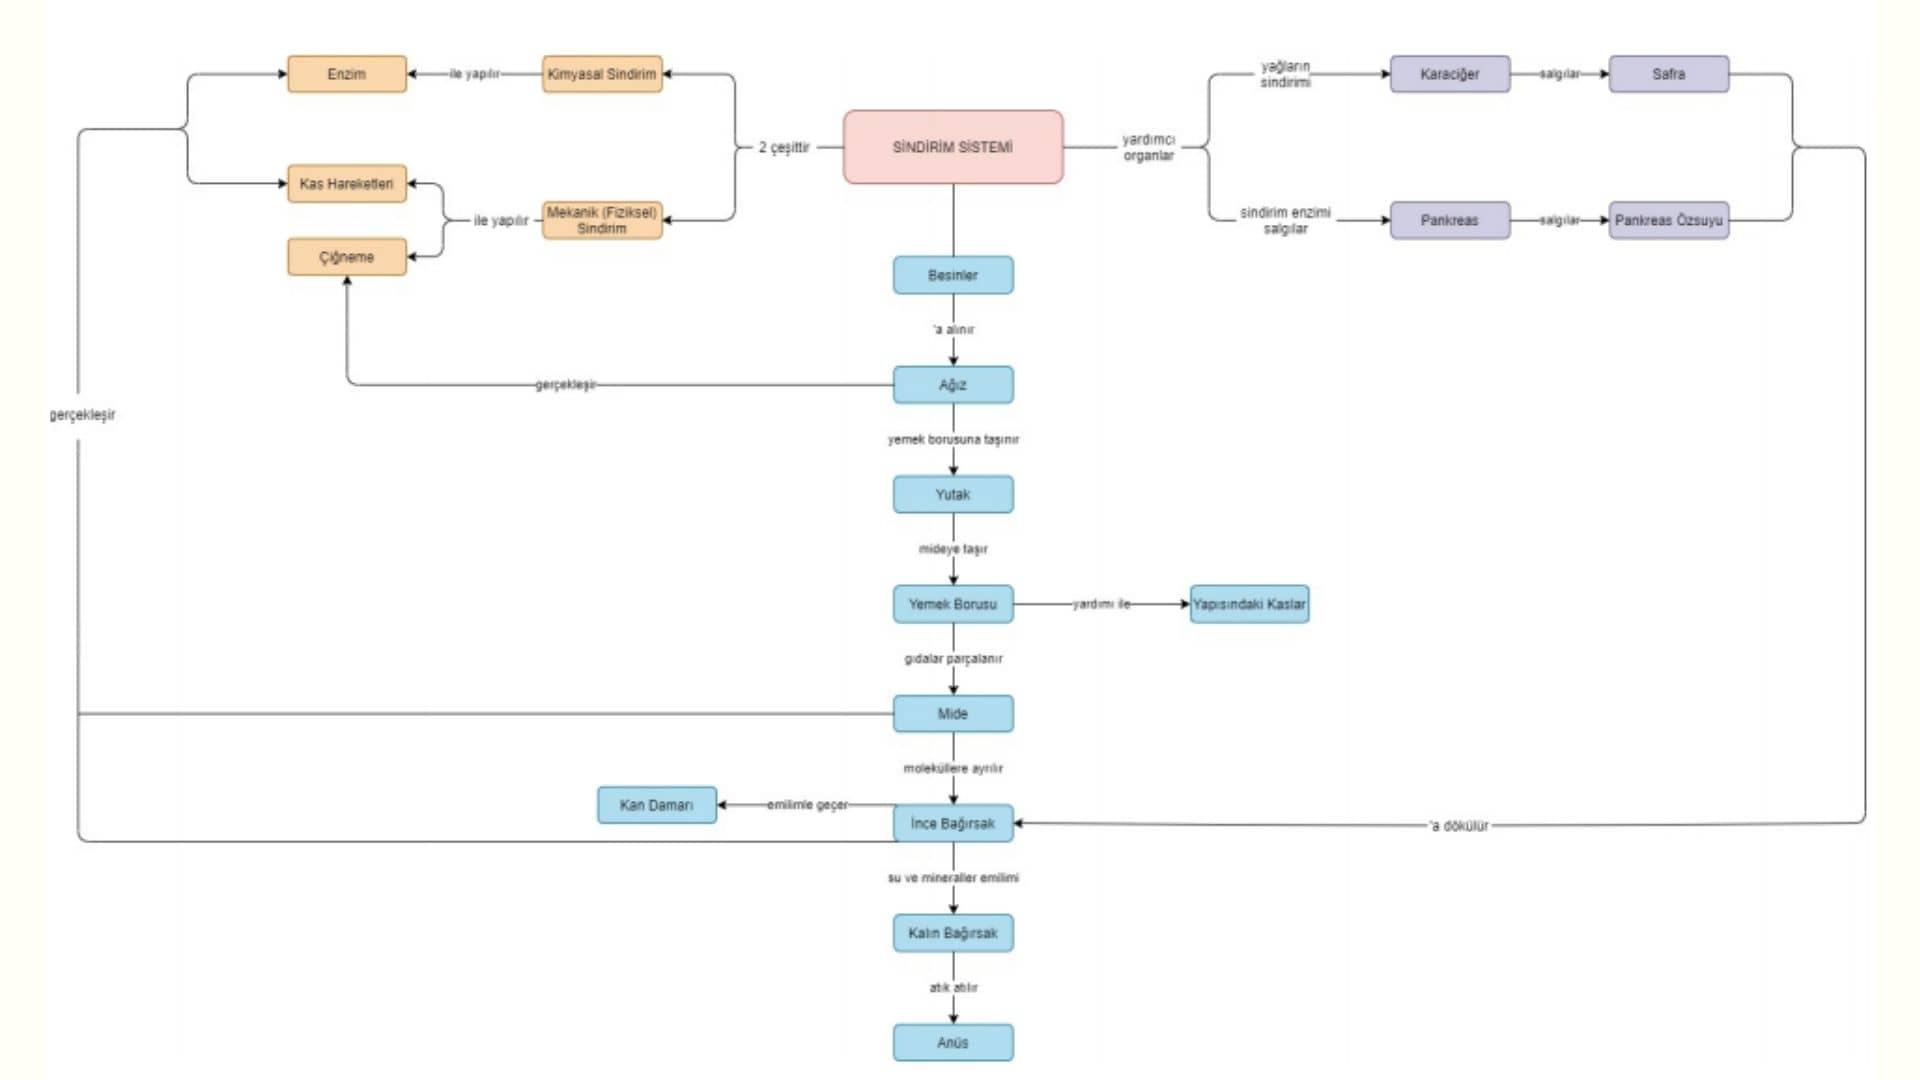 Sindirim sistemi kavram haritası